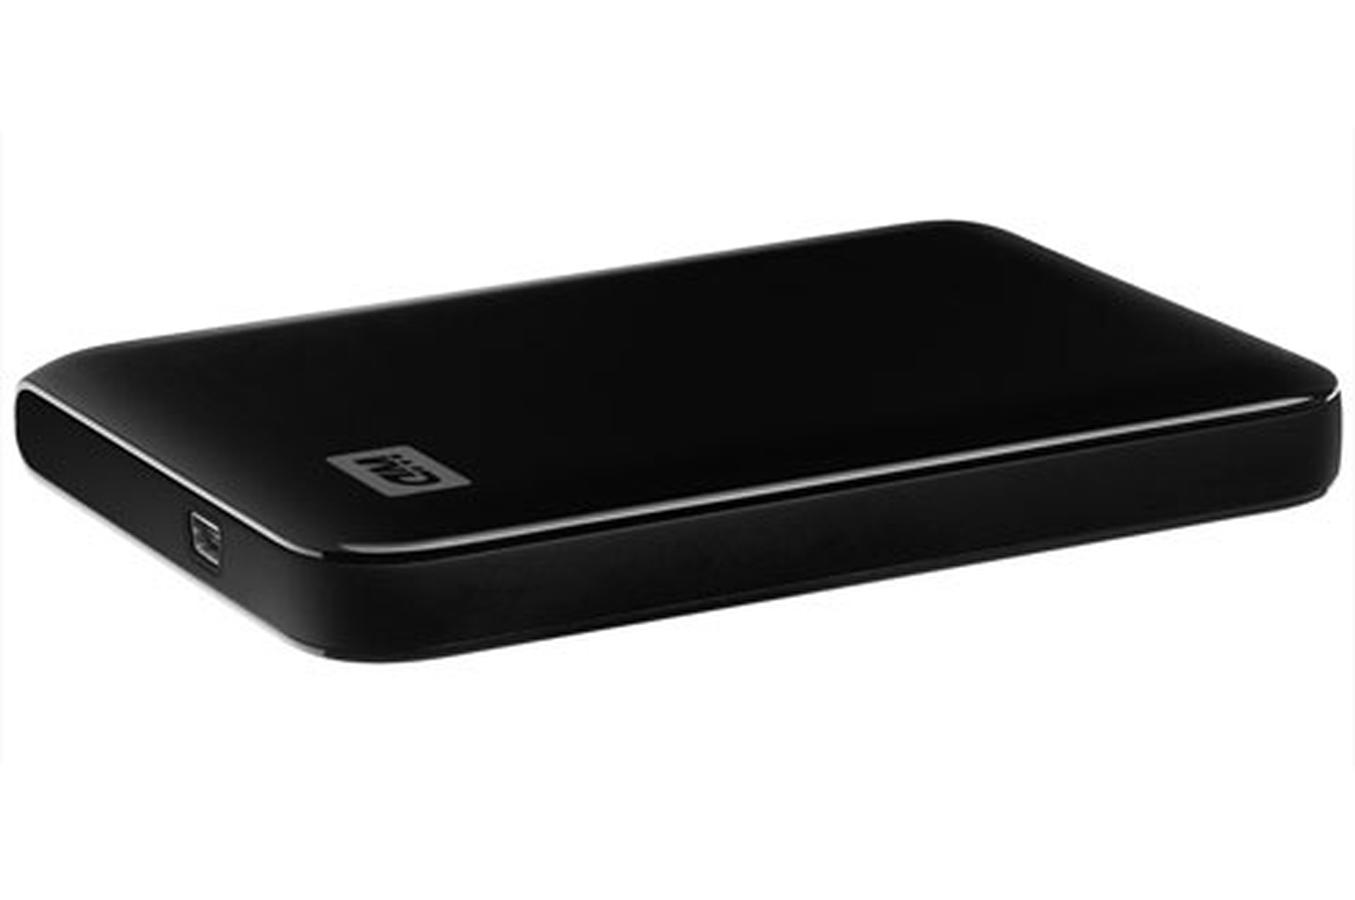 disque dur externe wd essential 500go noir essential500gonoir 1222902 darty. Black Bedroom Furniture Sets. Home Design Ideas